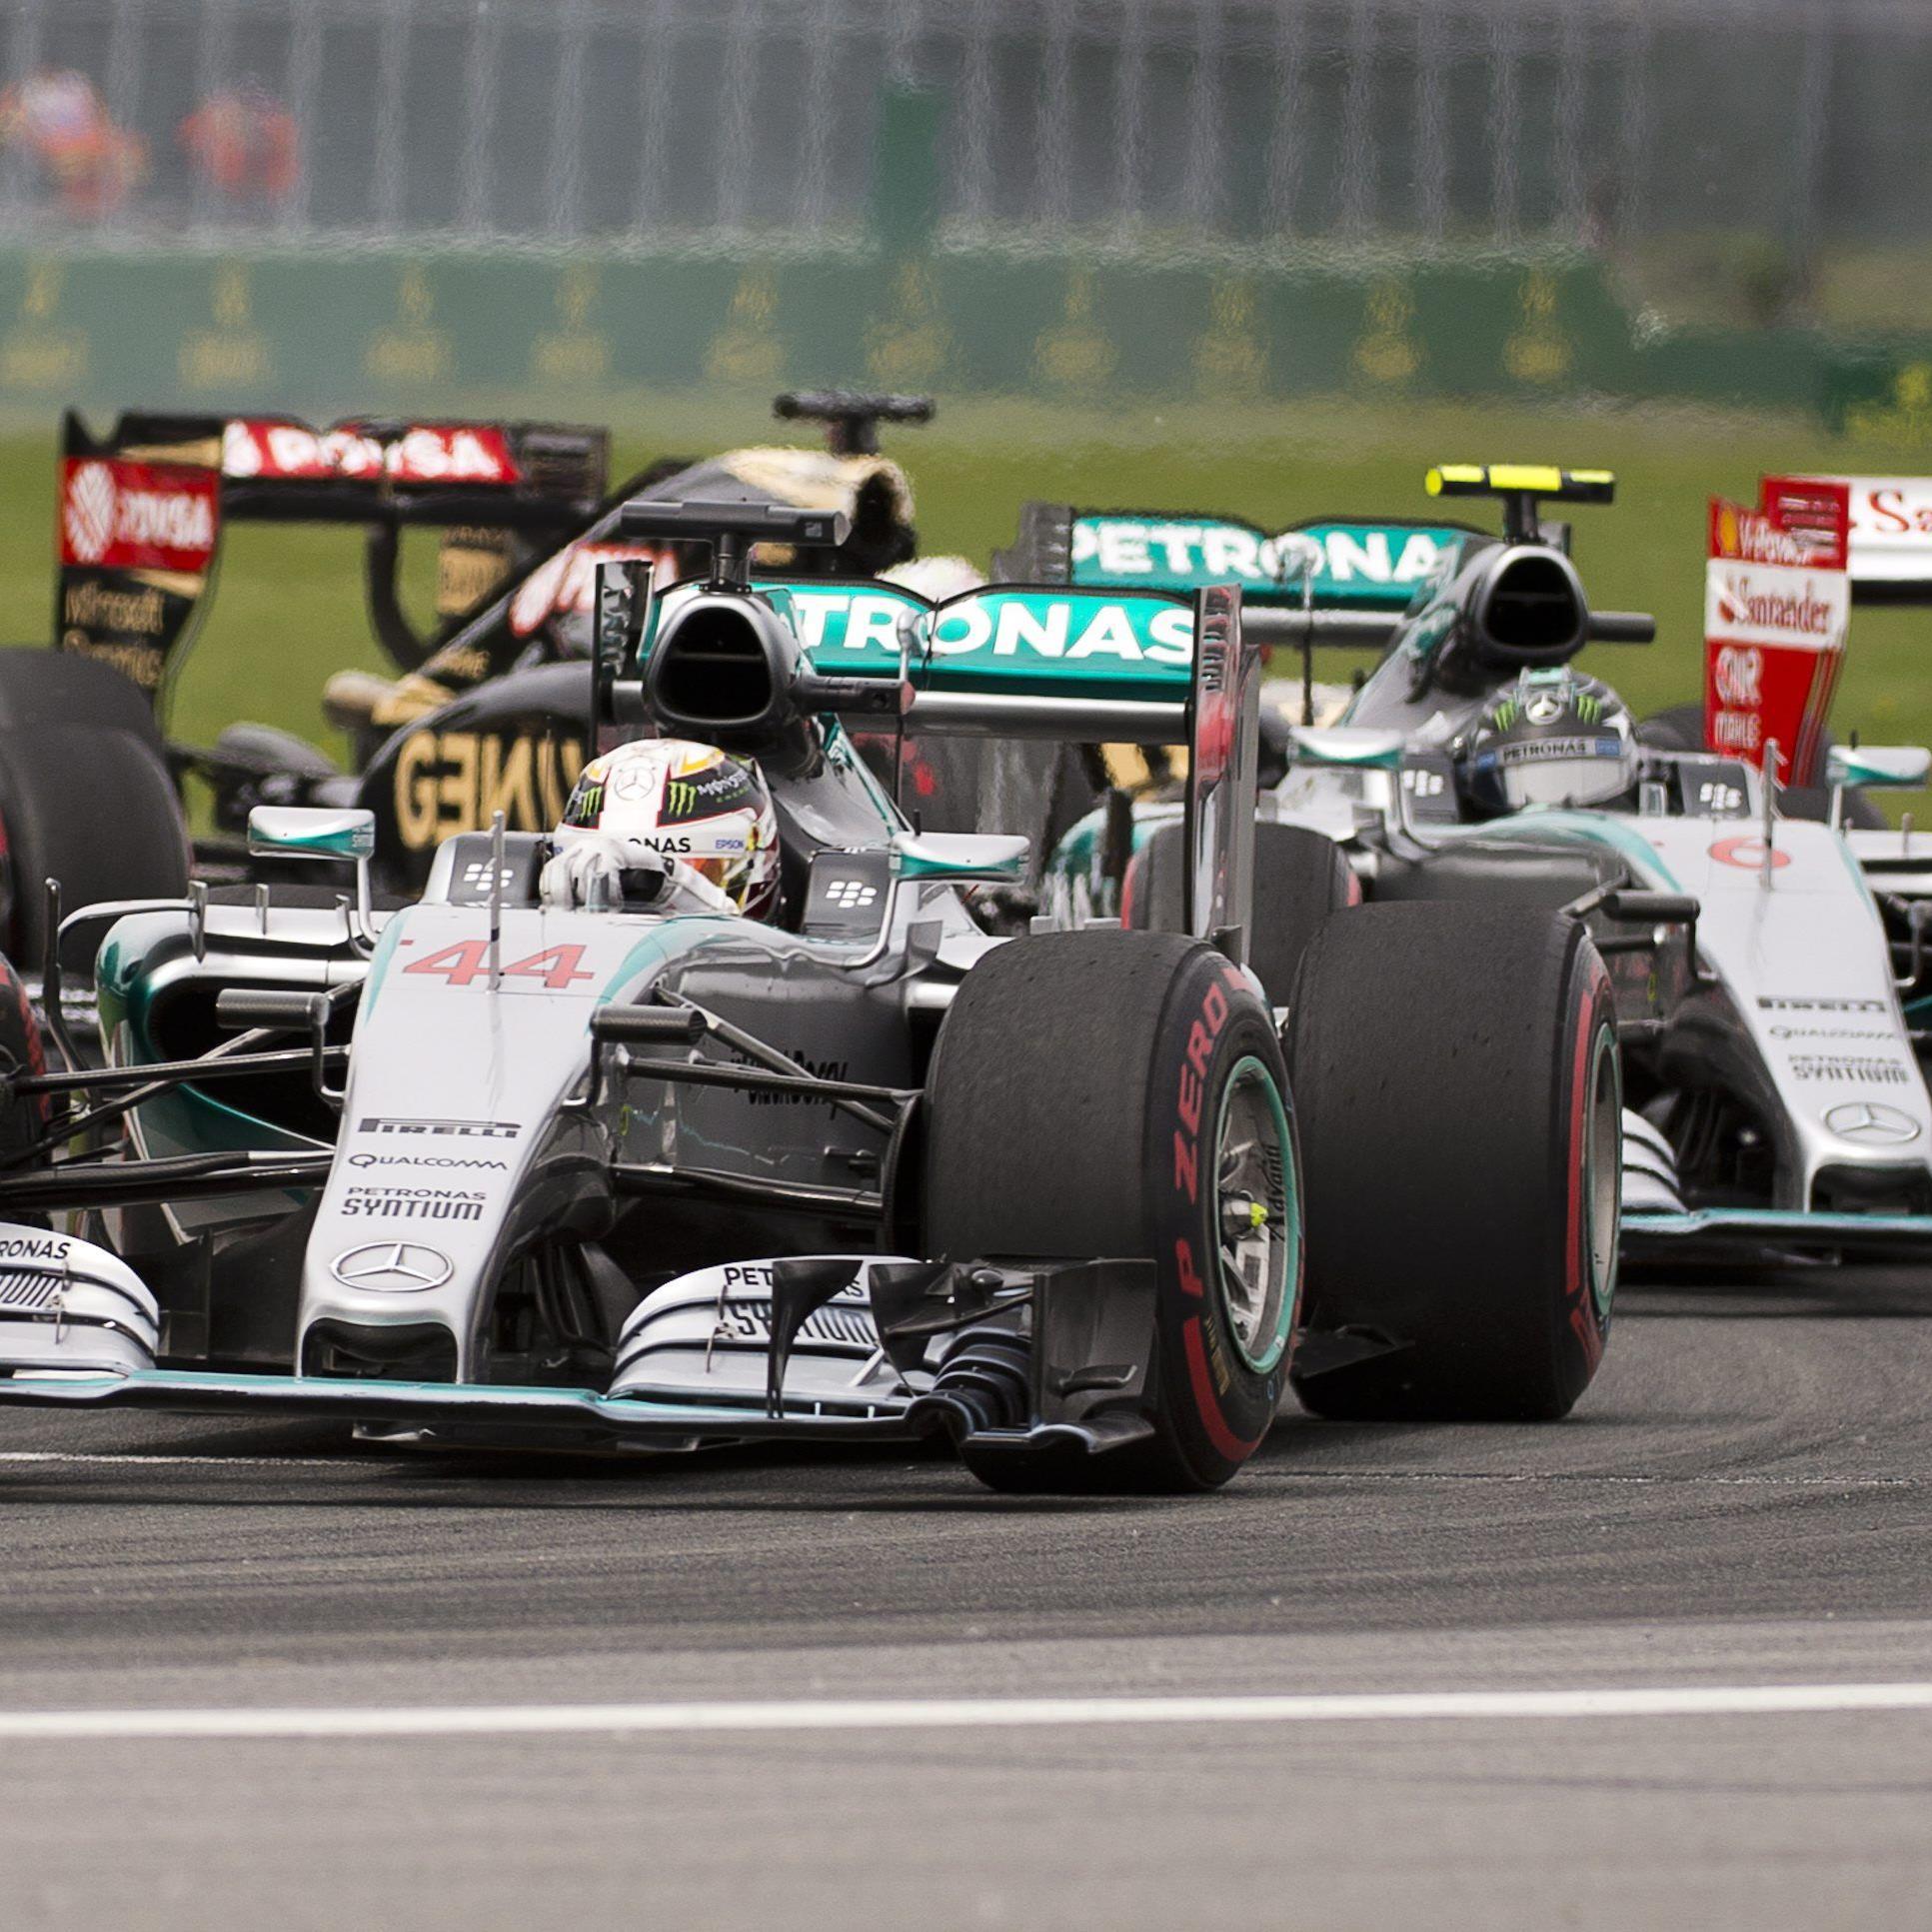 Hinter den beiden Silberpfeil-Piloten landete der Finne Valtteri Bottas im Williams auf Platz drei.